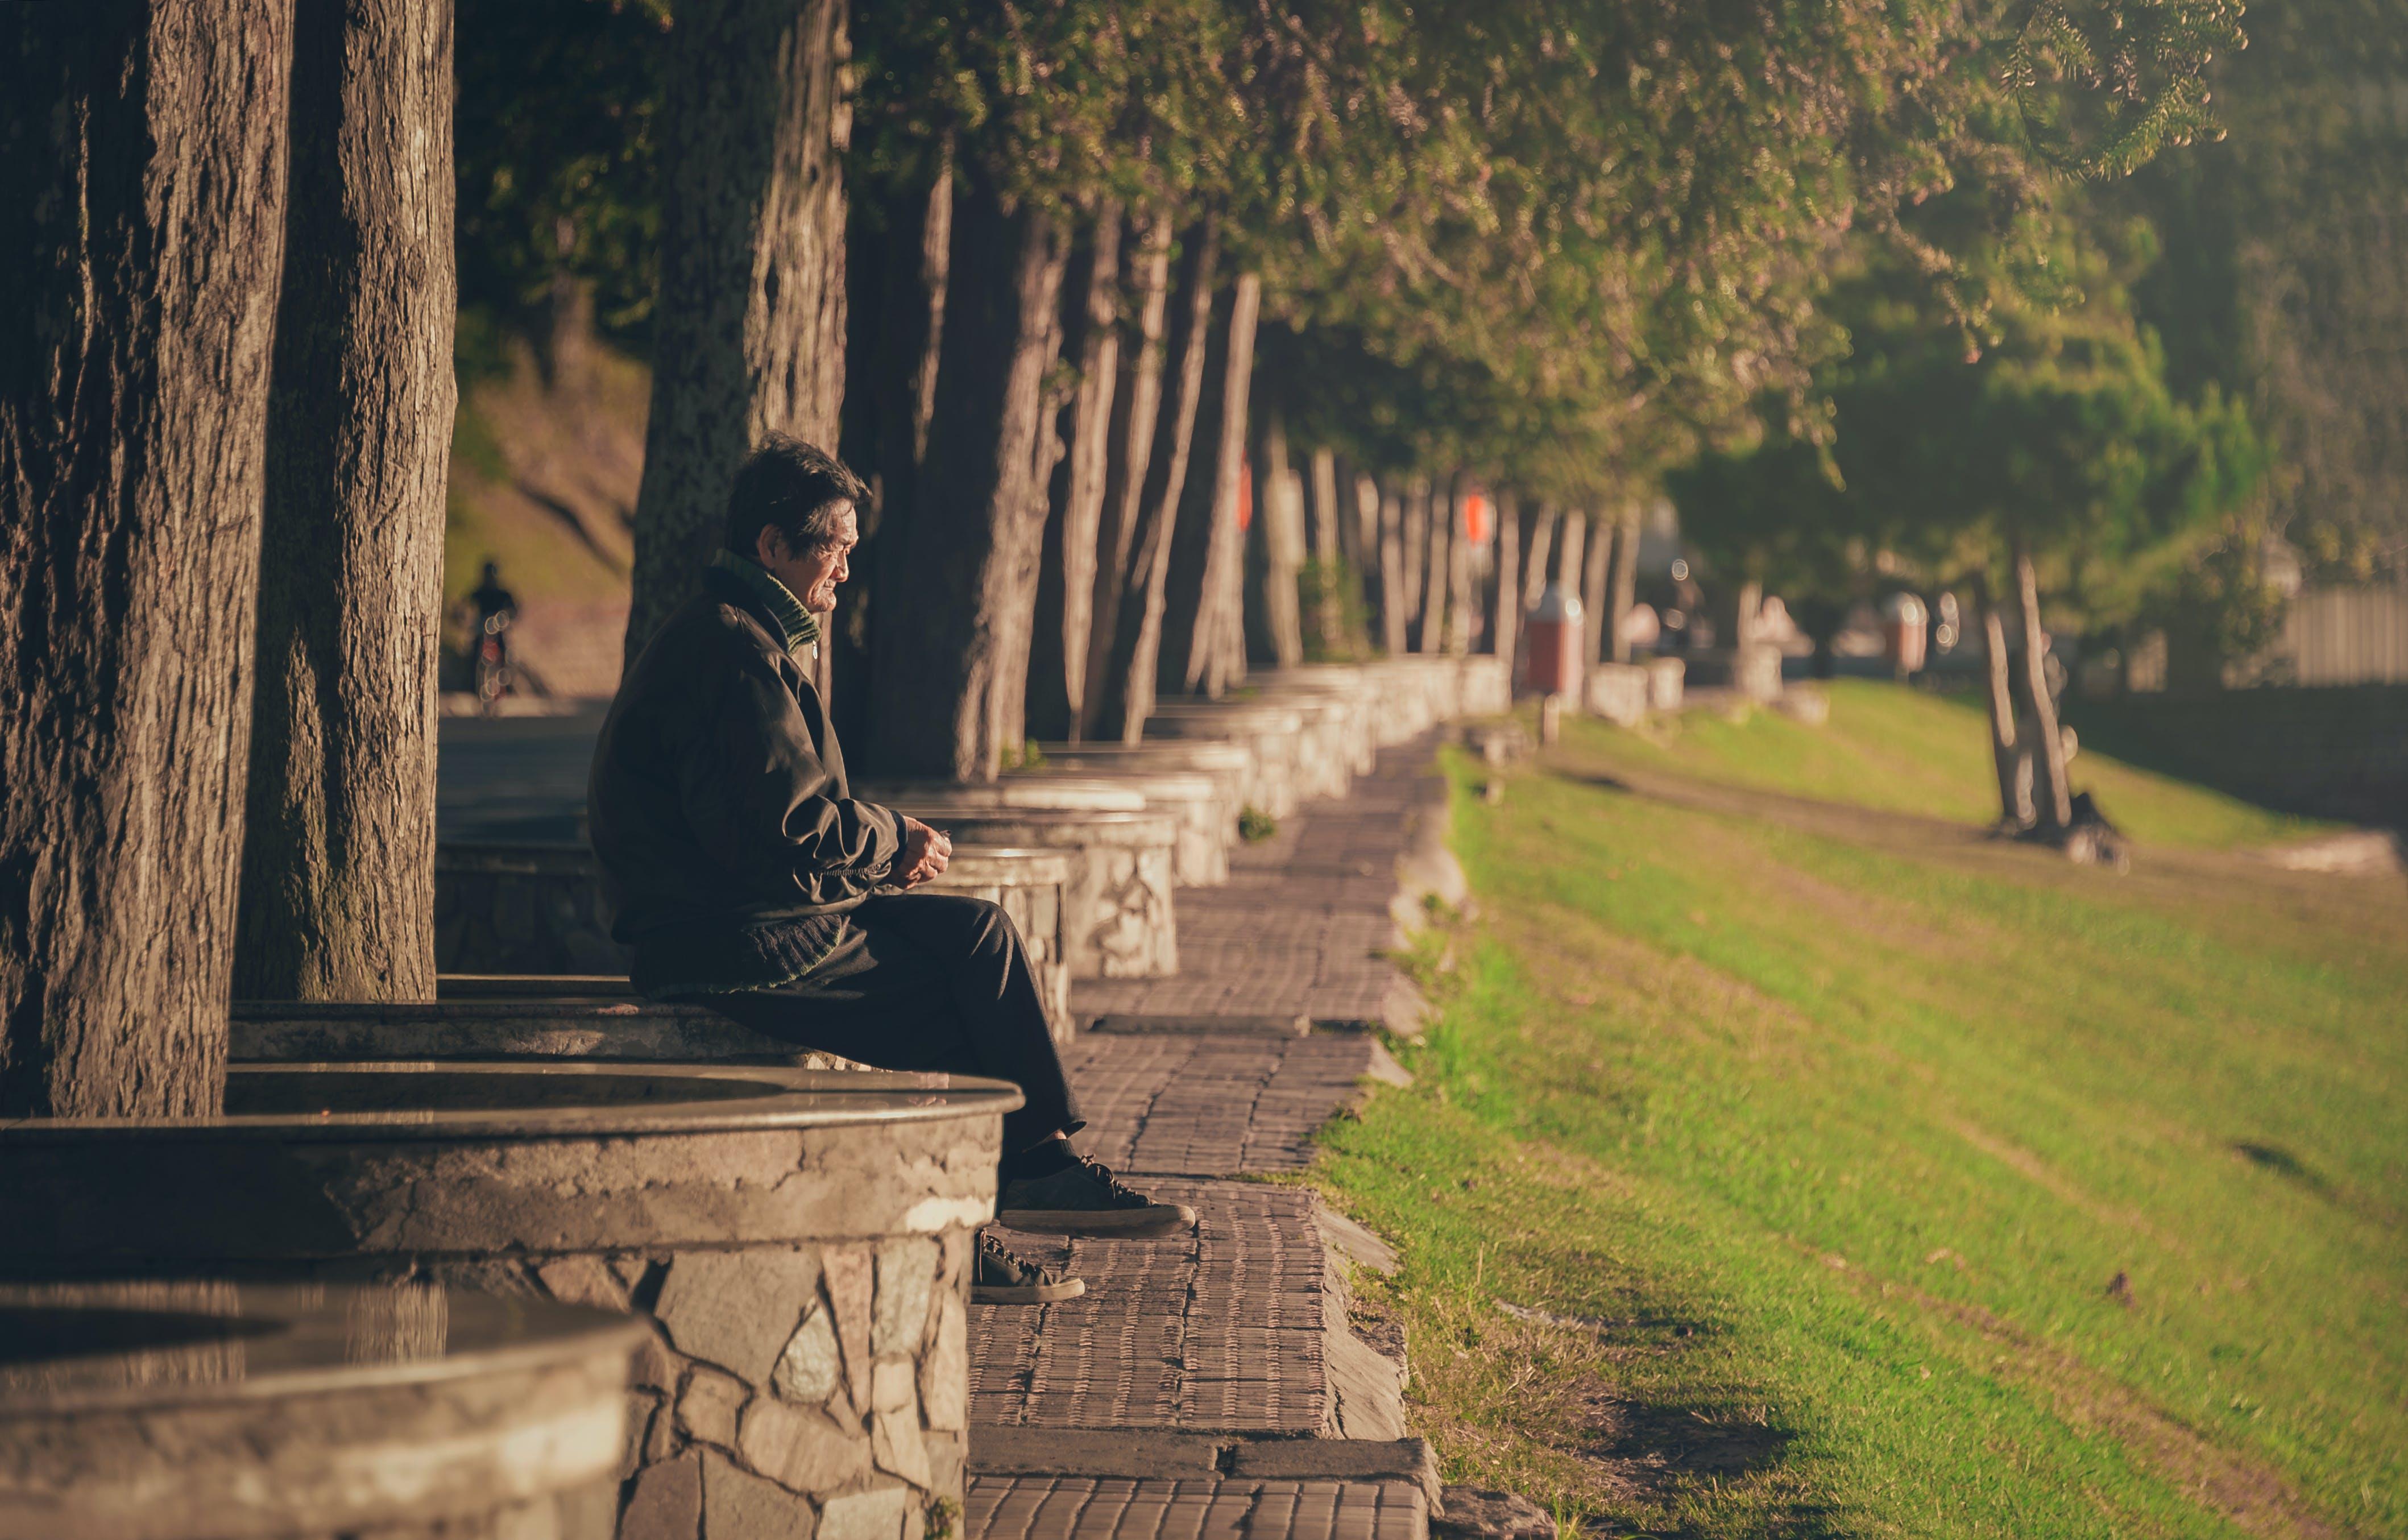 Man Seating on Concrete Base